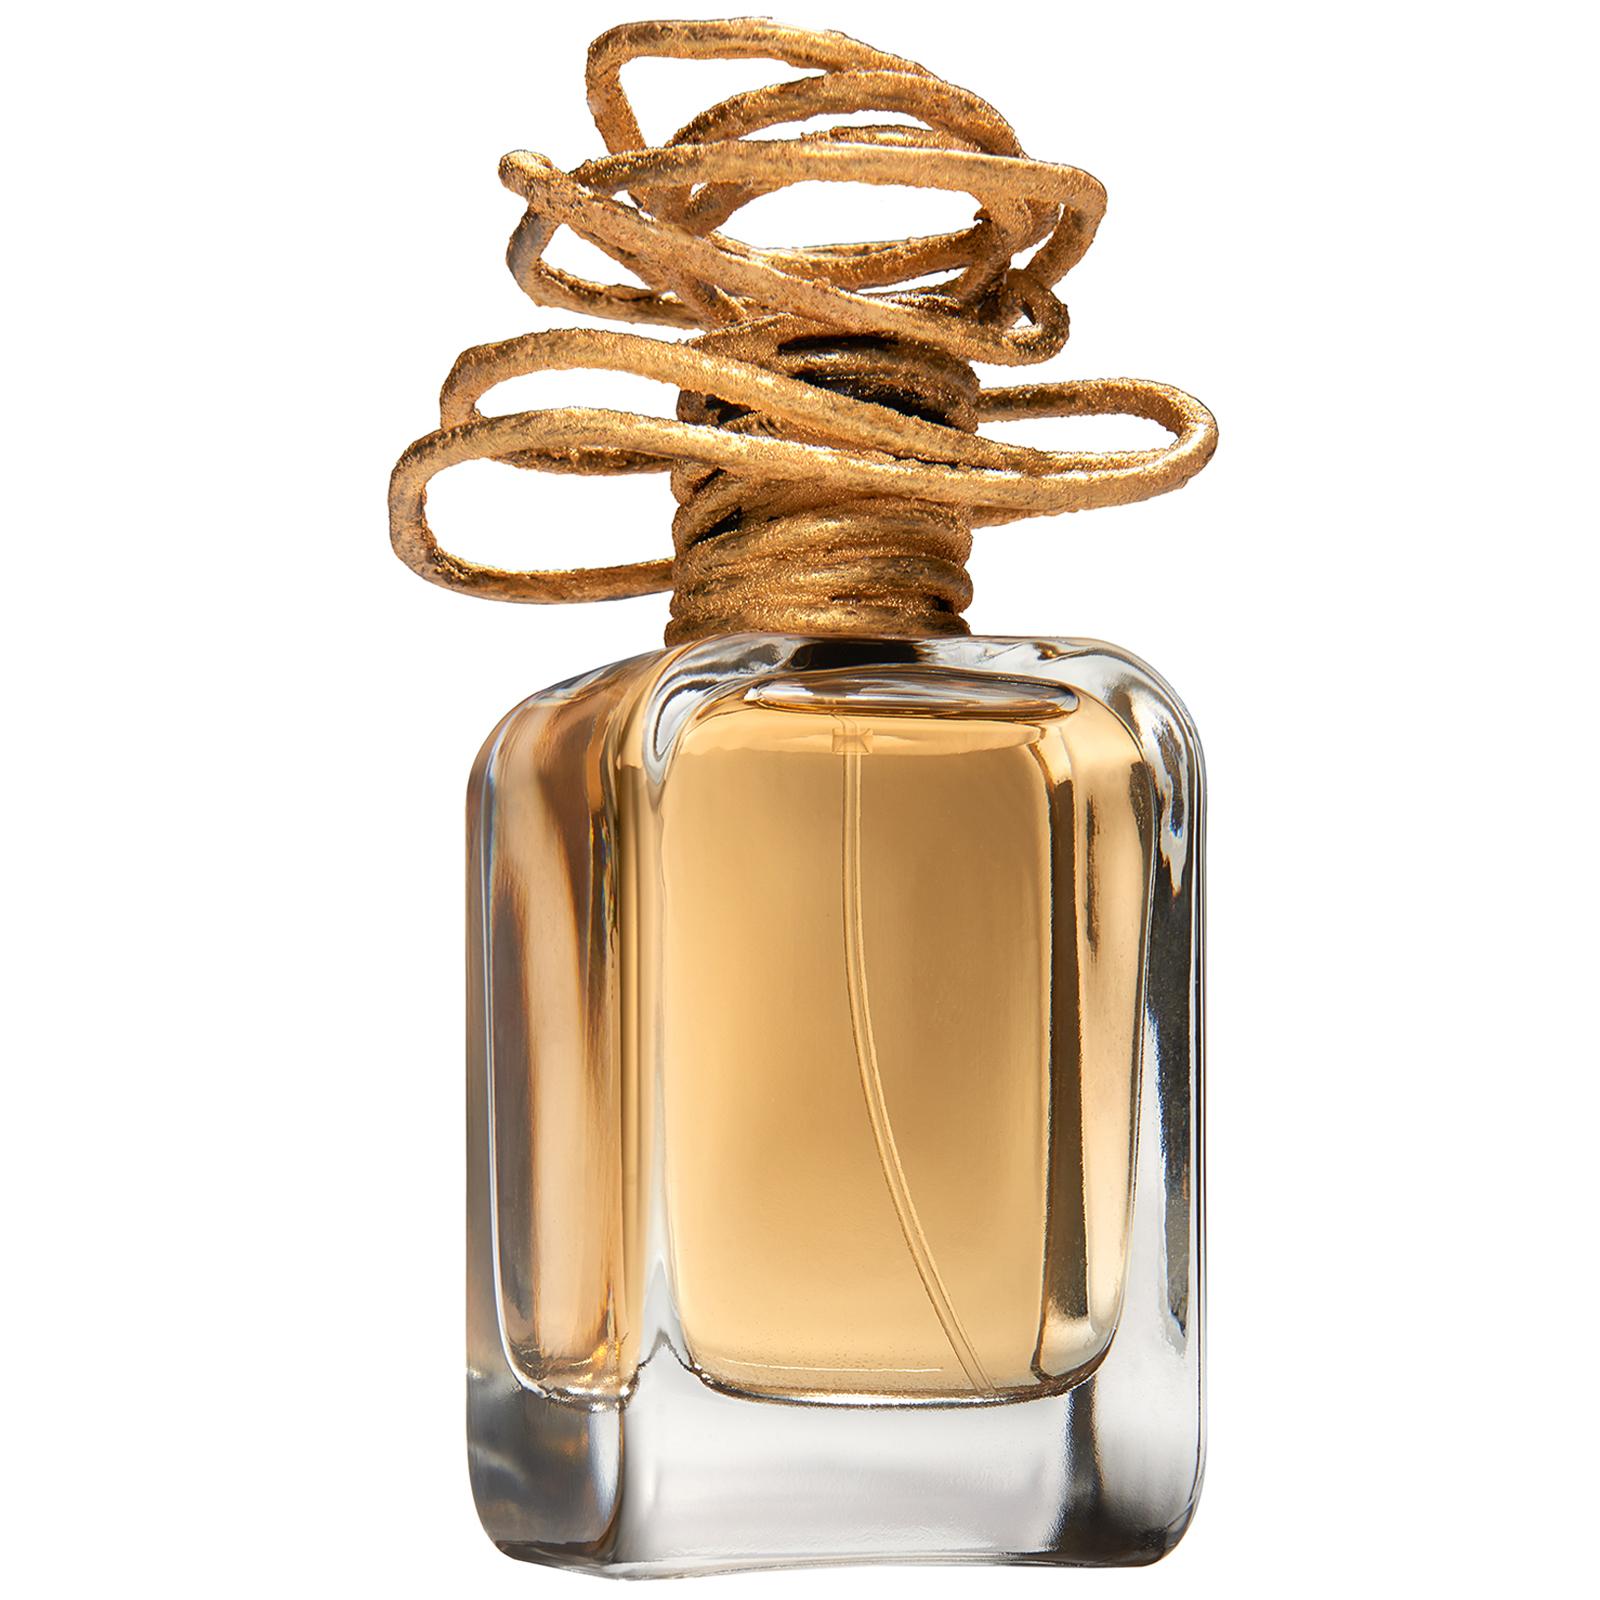 Rituale extrait de parfum 25% 100 ml